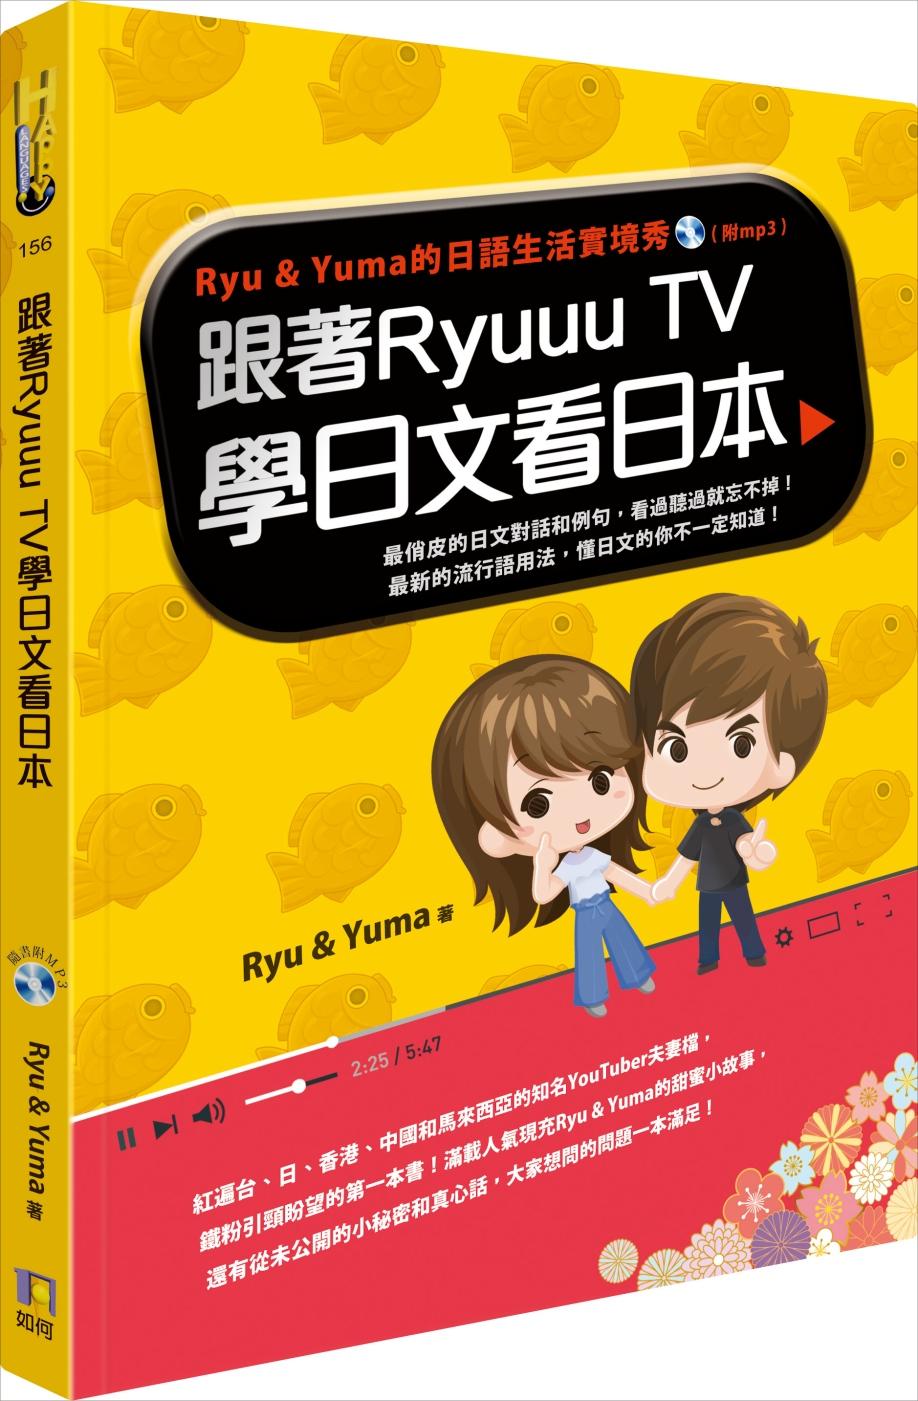 跟著Ryuuu TV學日文看日本:Ryu & Yuma的日語生活實境秀(附MP3)